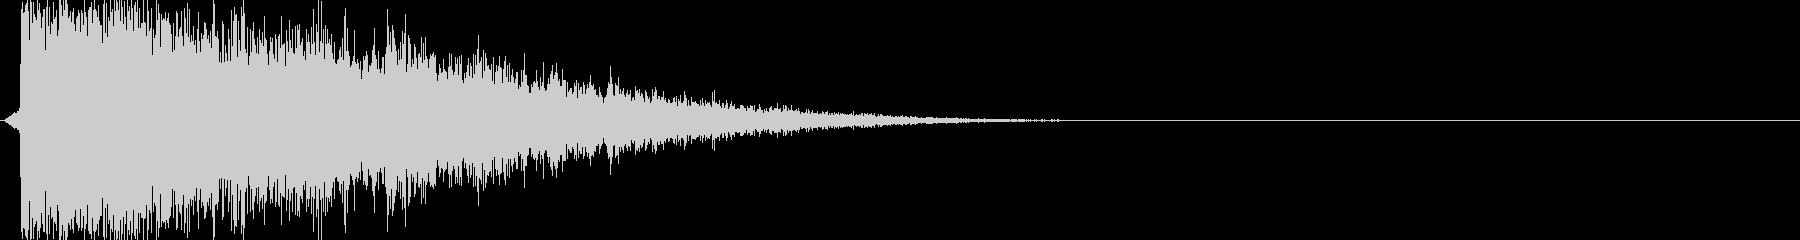 バシューン(シューティング、ショット音)の未再生の波形